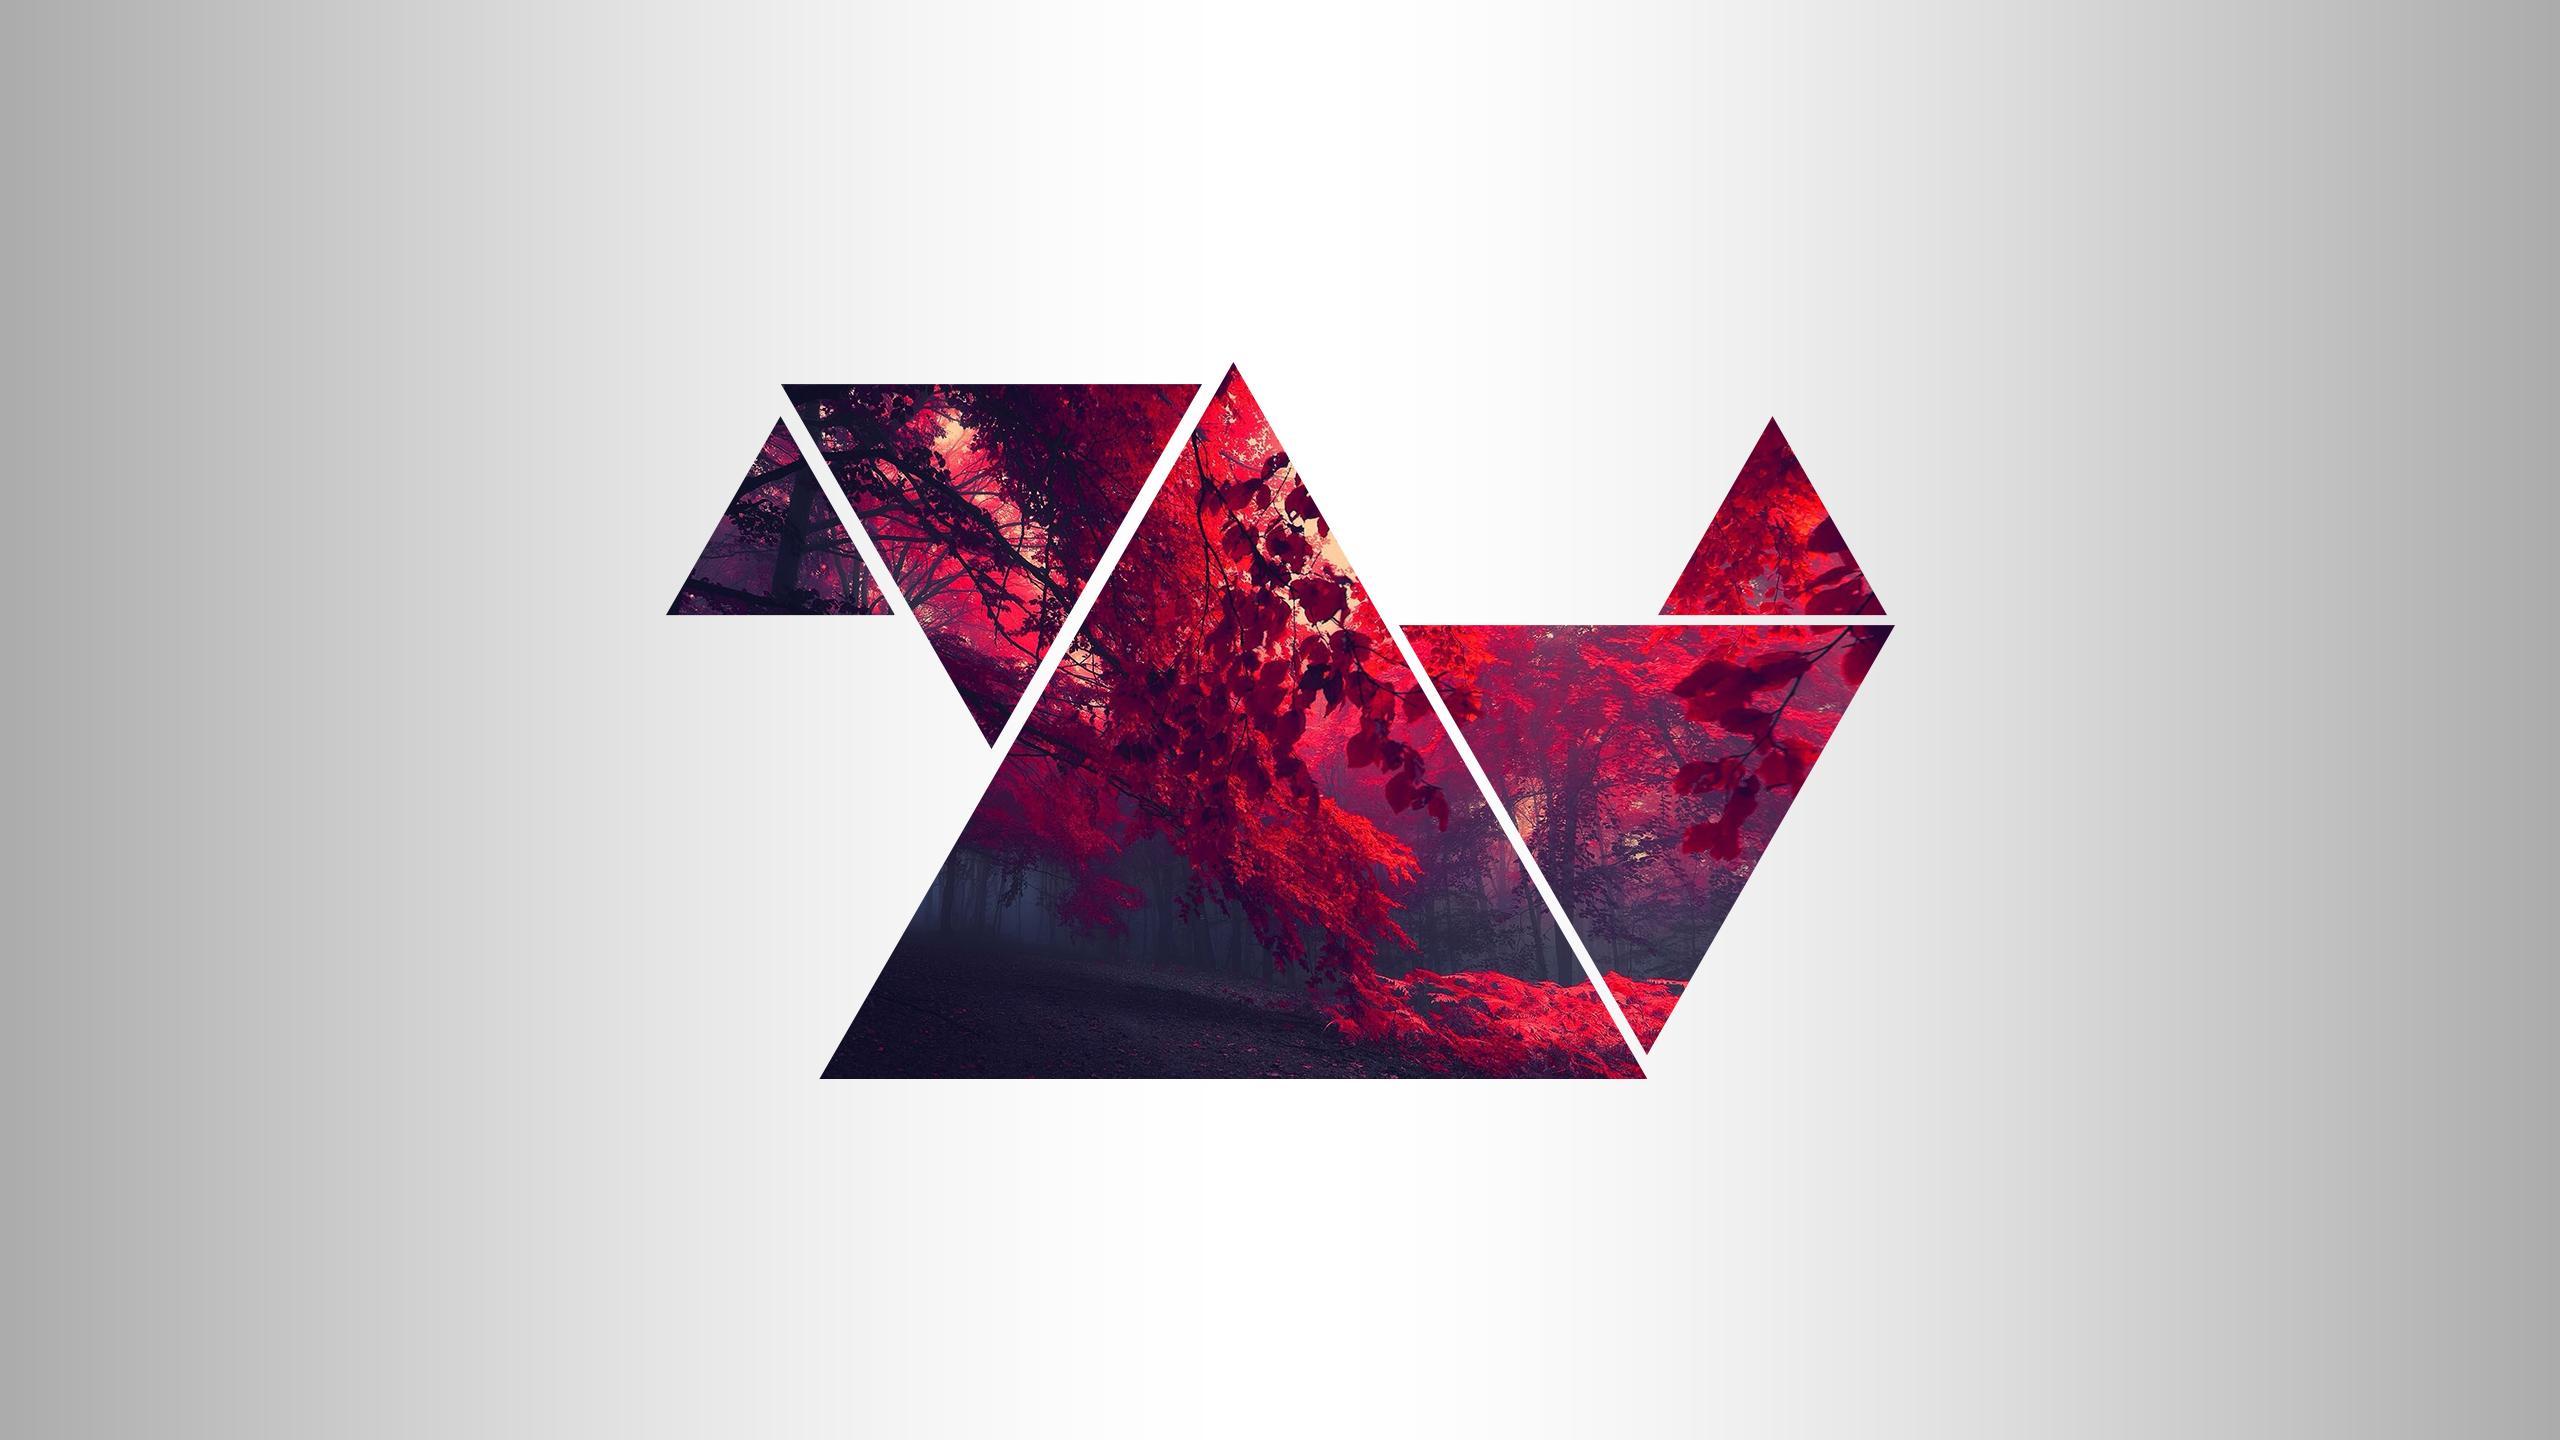 hintergrundbilder wald rot dreieck 2560x1440